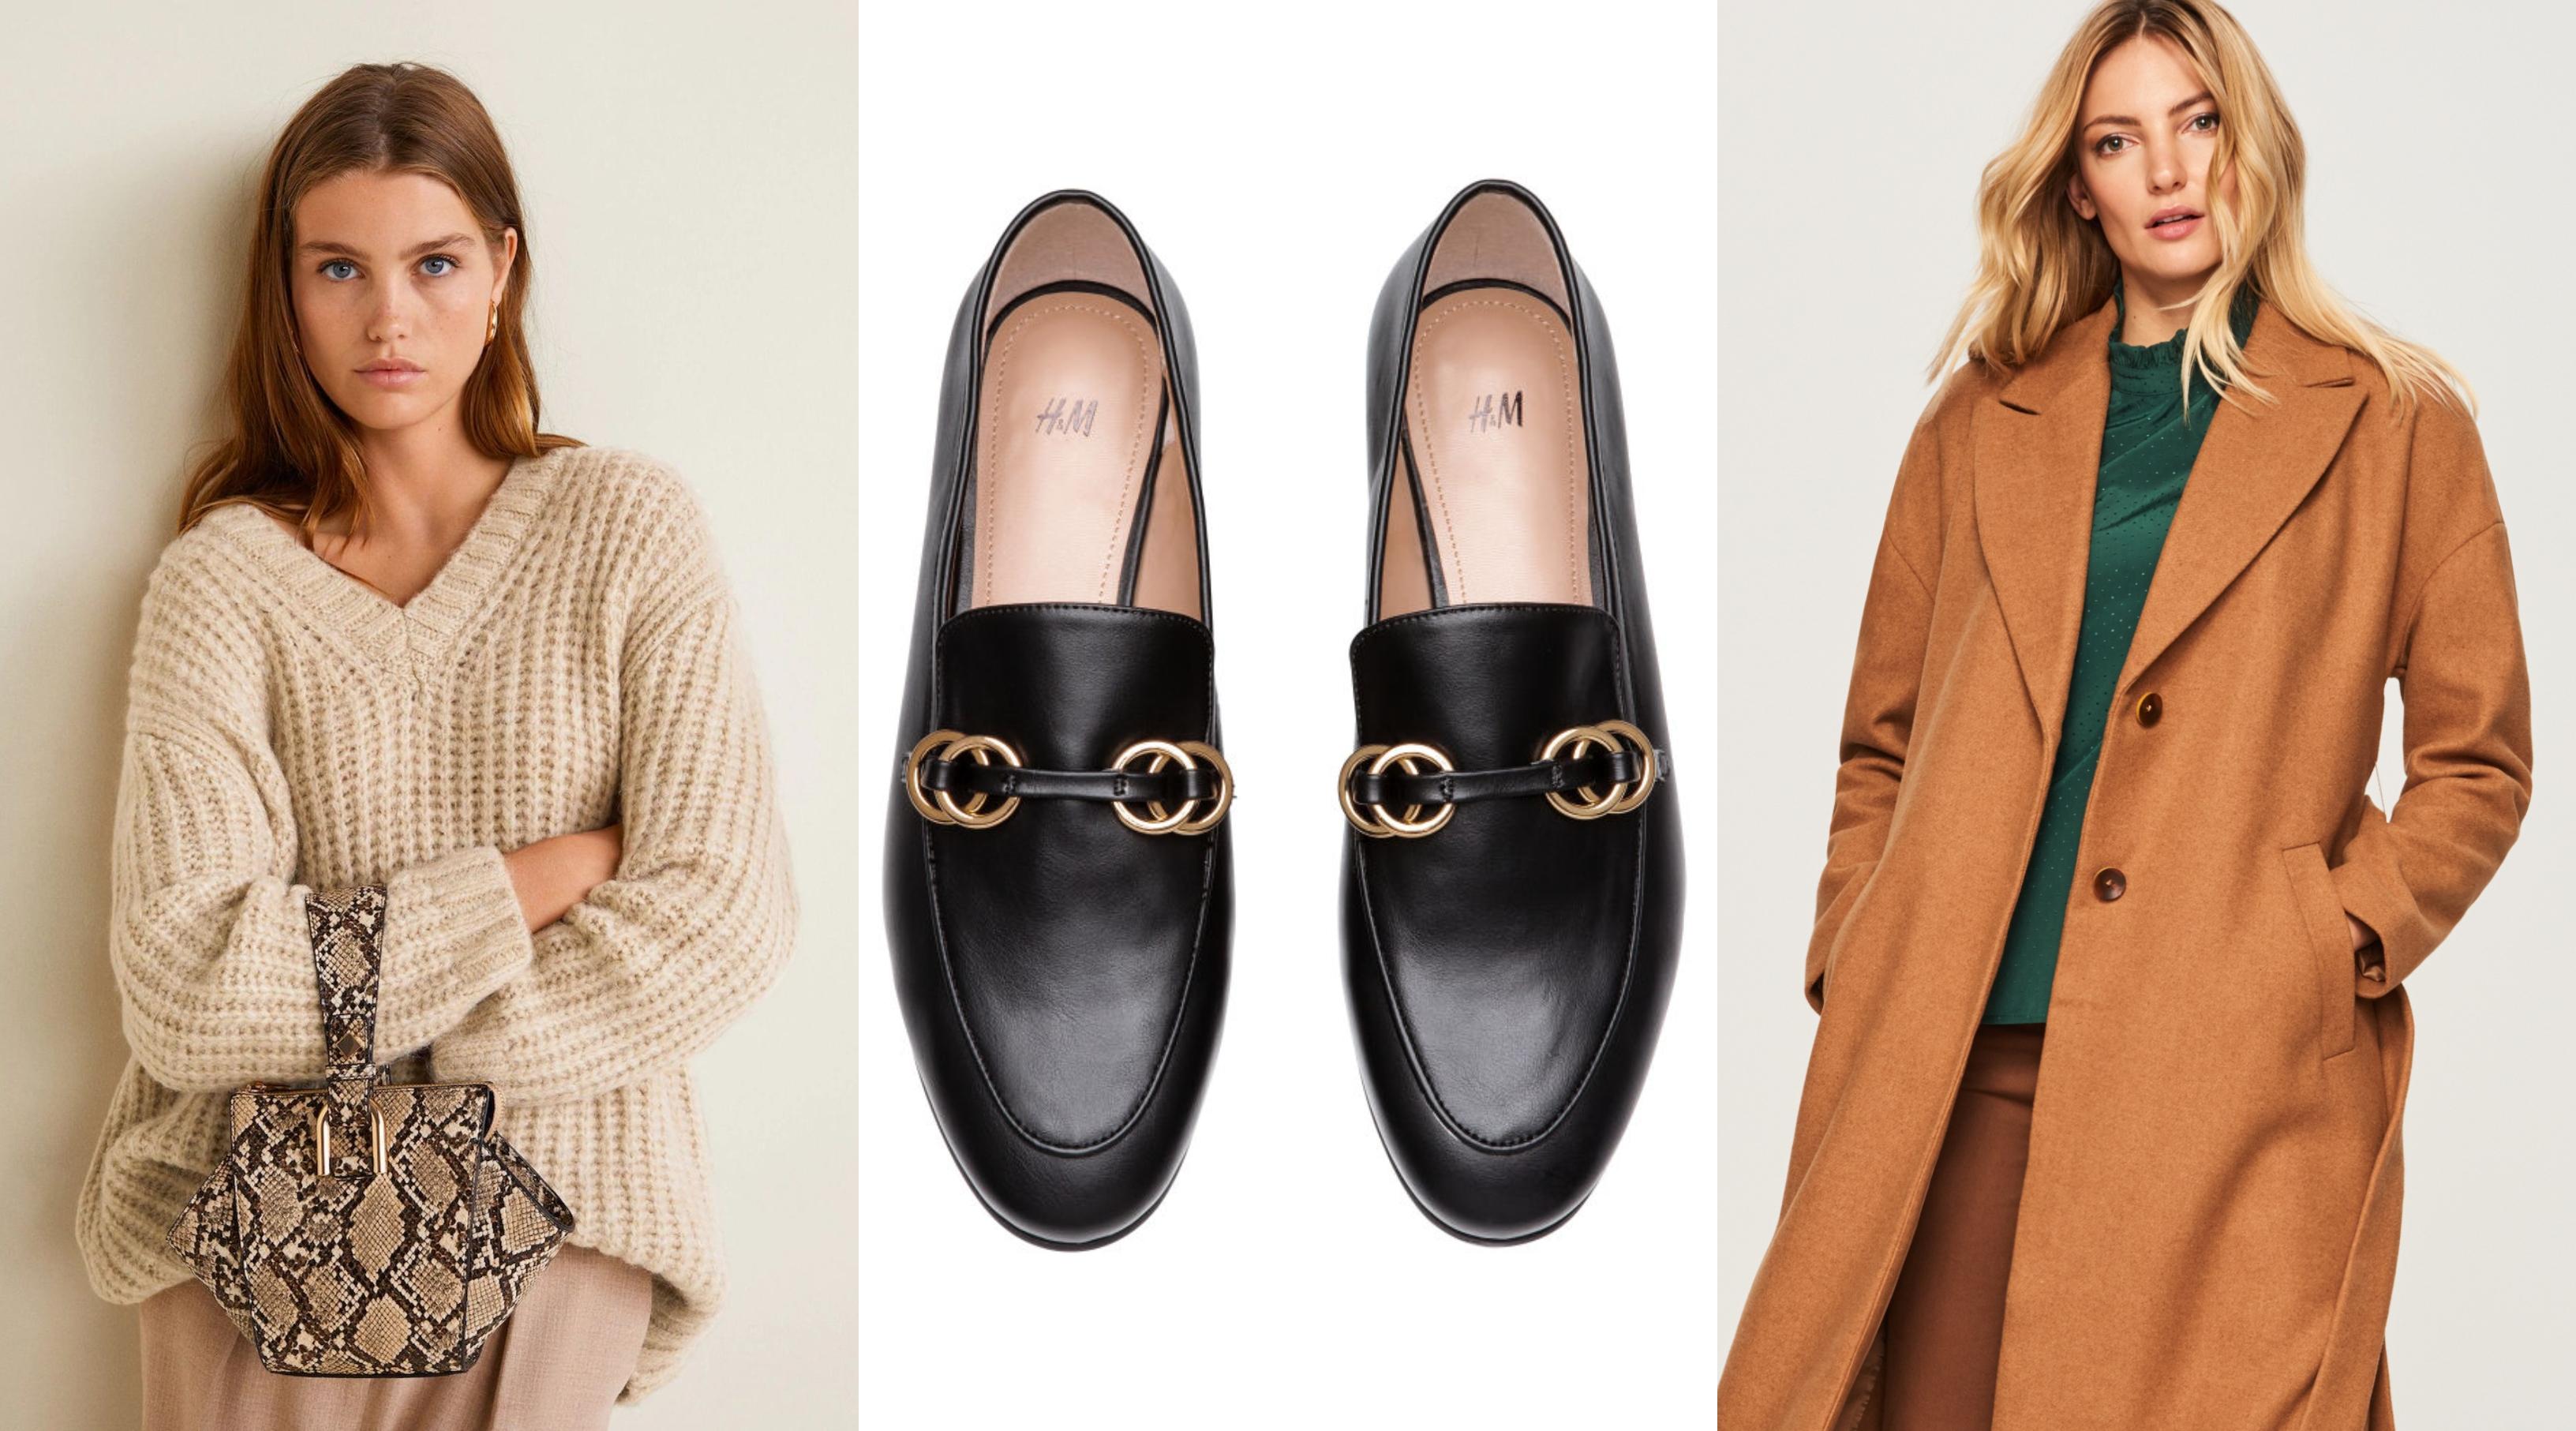 6463b2d5348865 Ubrania na jesień, które nigdy nie wyjdą z mody - Elle.pl - trendy wiosna  lato 2019: moda, modne fryzury, buty, manicure, sukienki, torebki,  biżuteria, ...